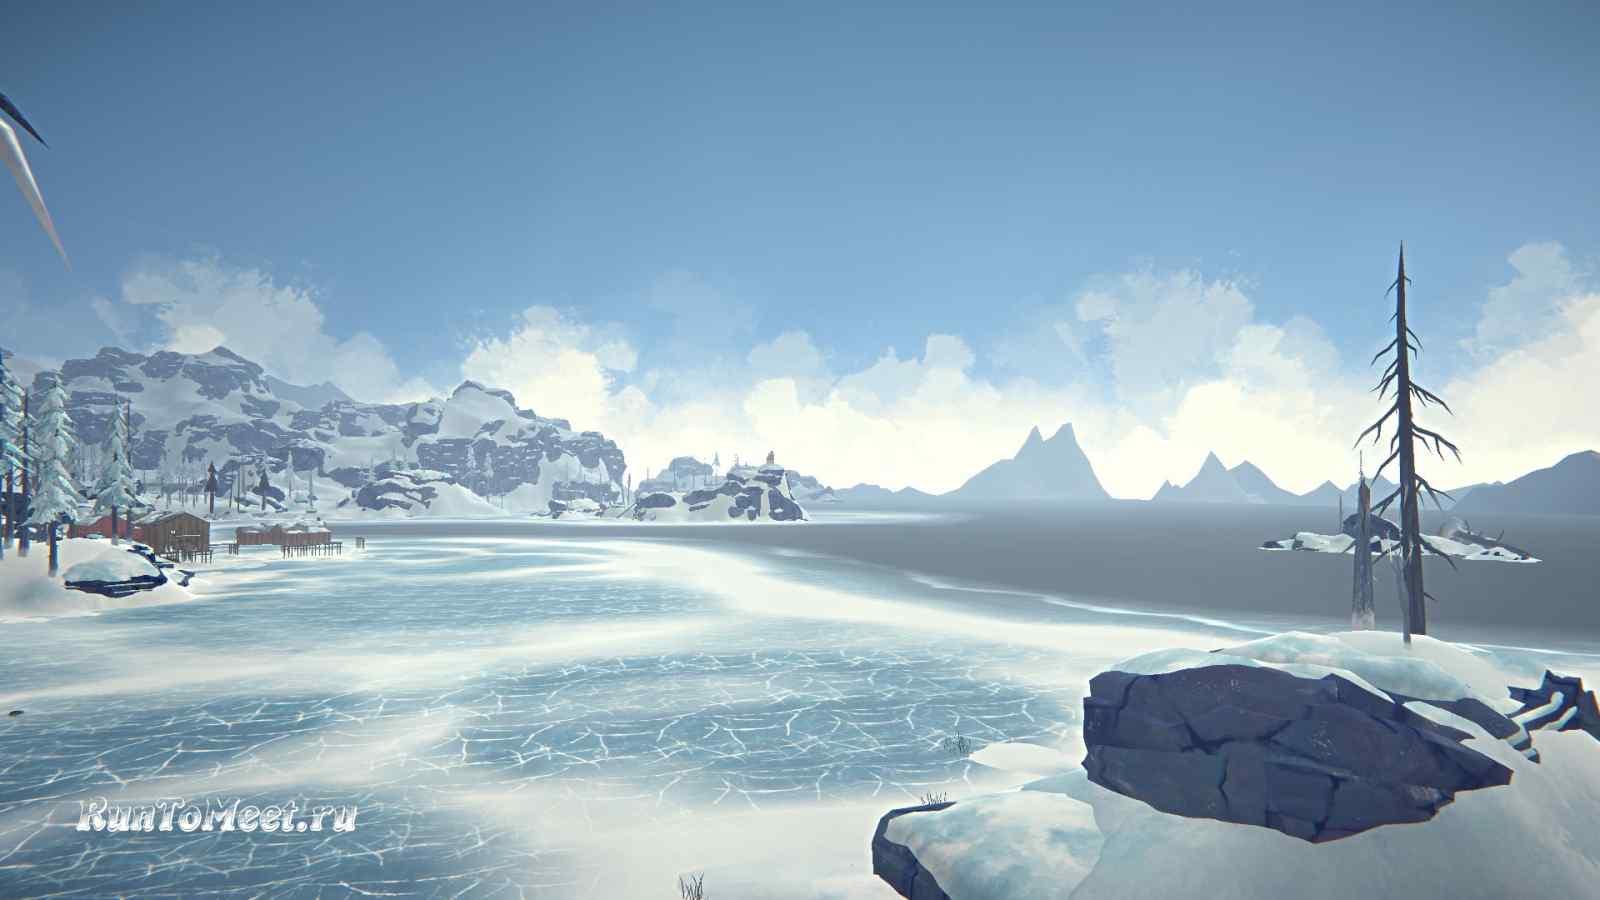 Вид с острова на береговую линию, Бледной бухты, в игре The long dark